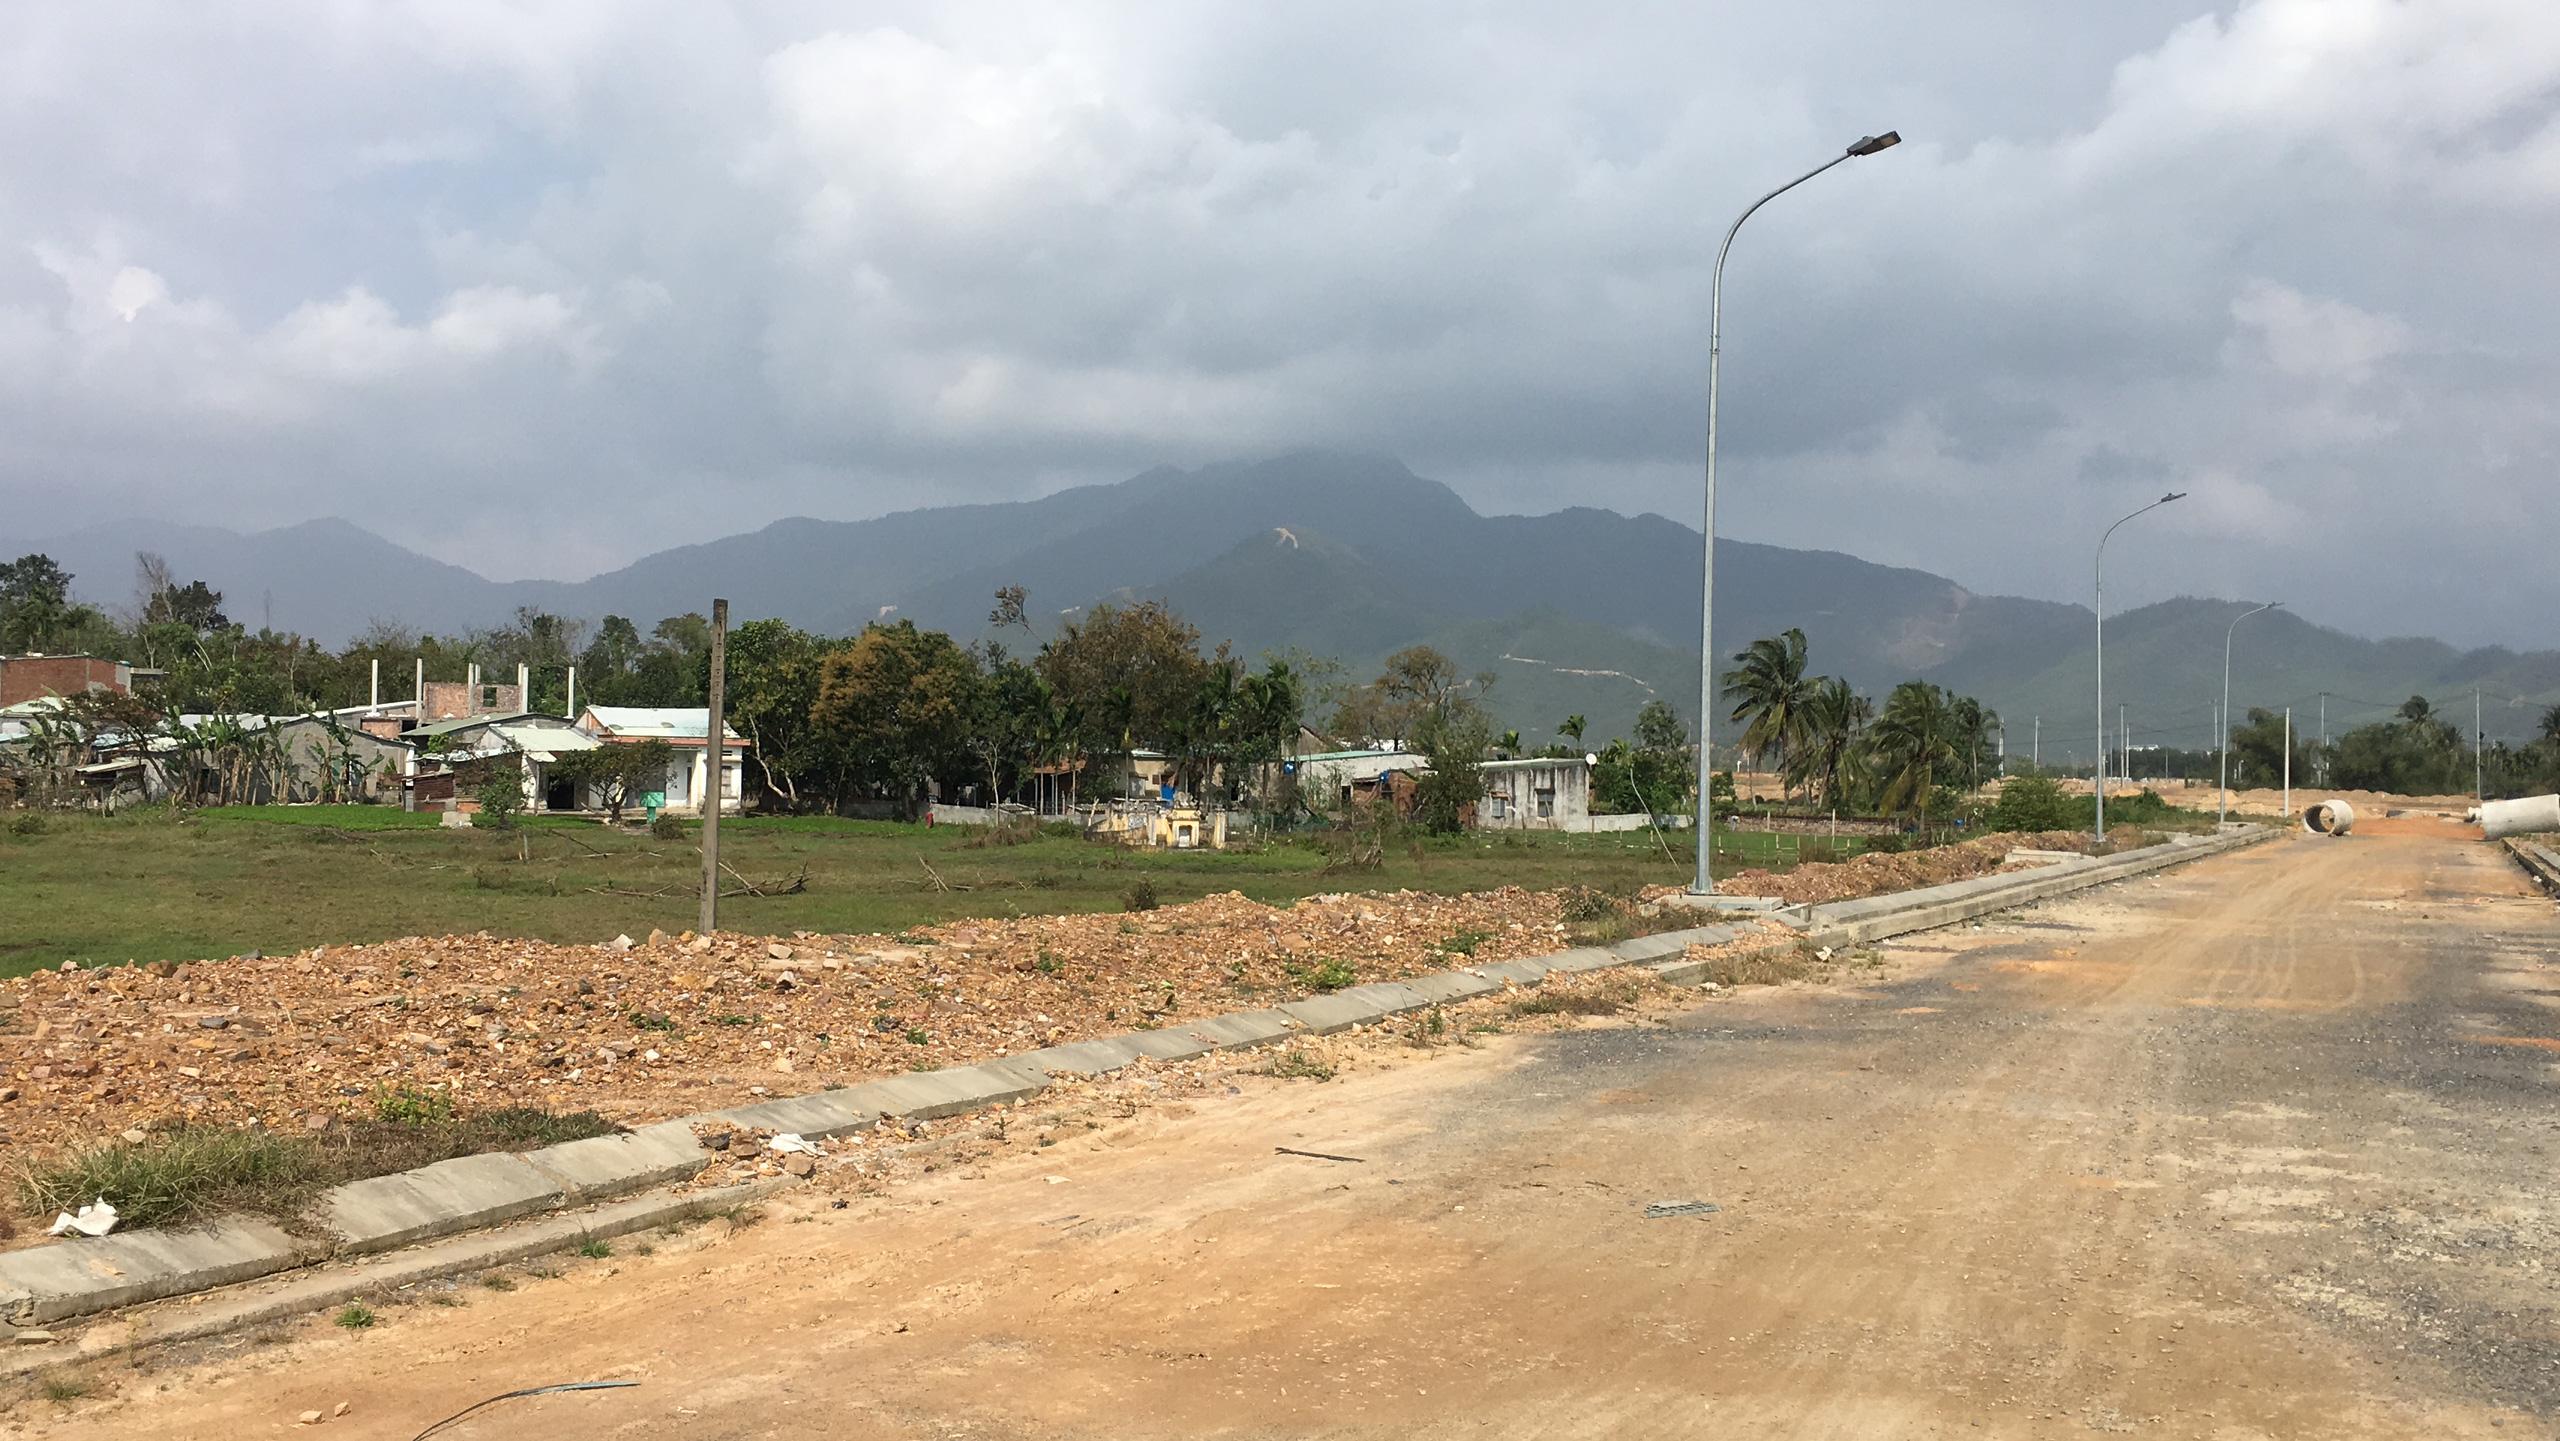 Đà Nẵng có kế hoạch đền bù giải tỏa 249 dự án năm 2021 - Ảnh 1.